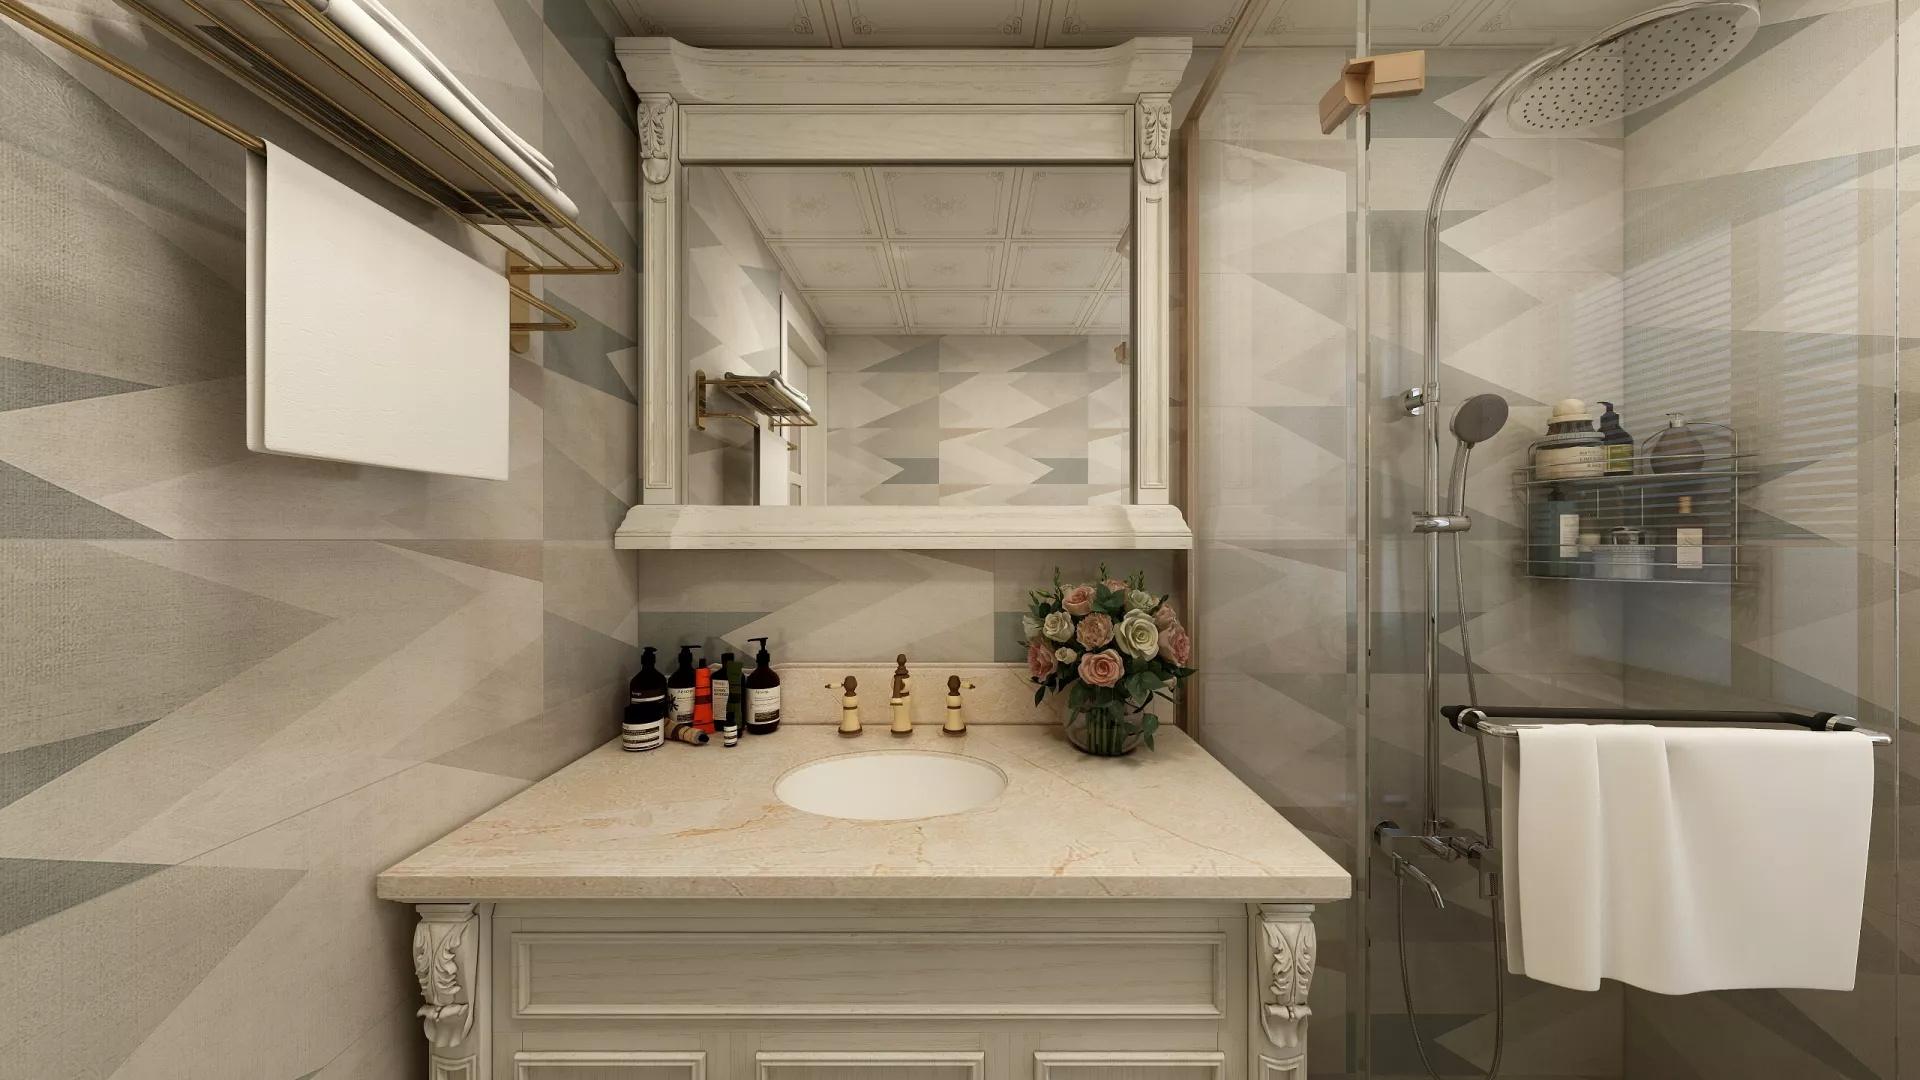 瓷磚黏膠泥要怎么使用?瓷磚黏膠泥使用有什么要點?